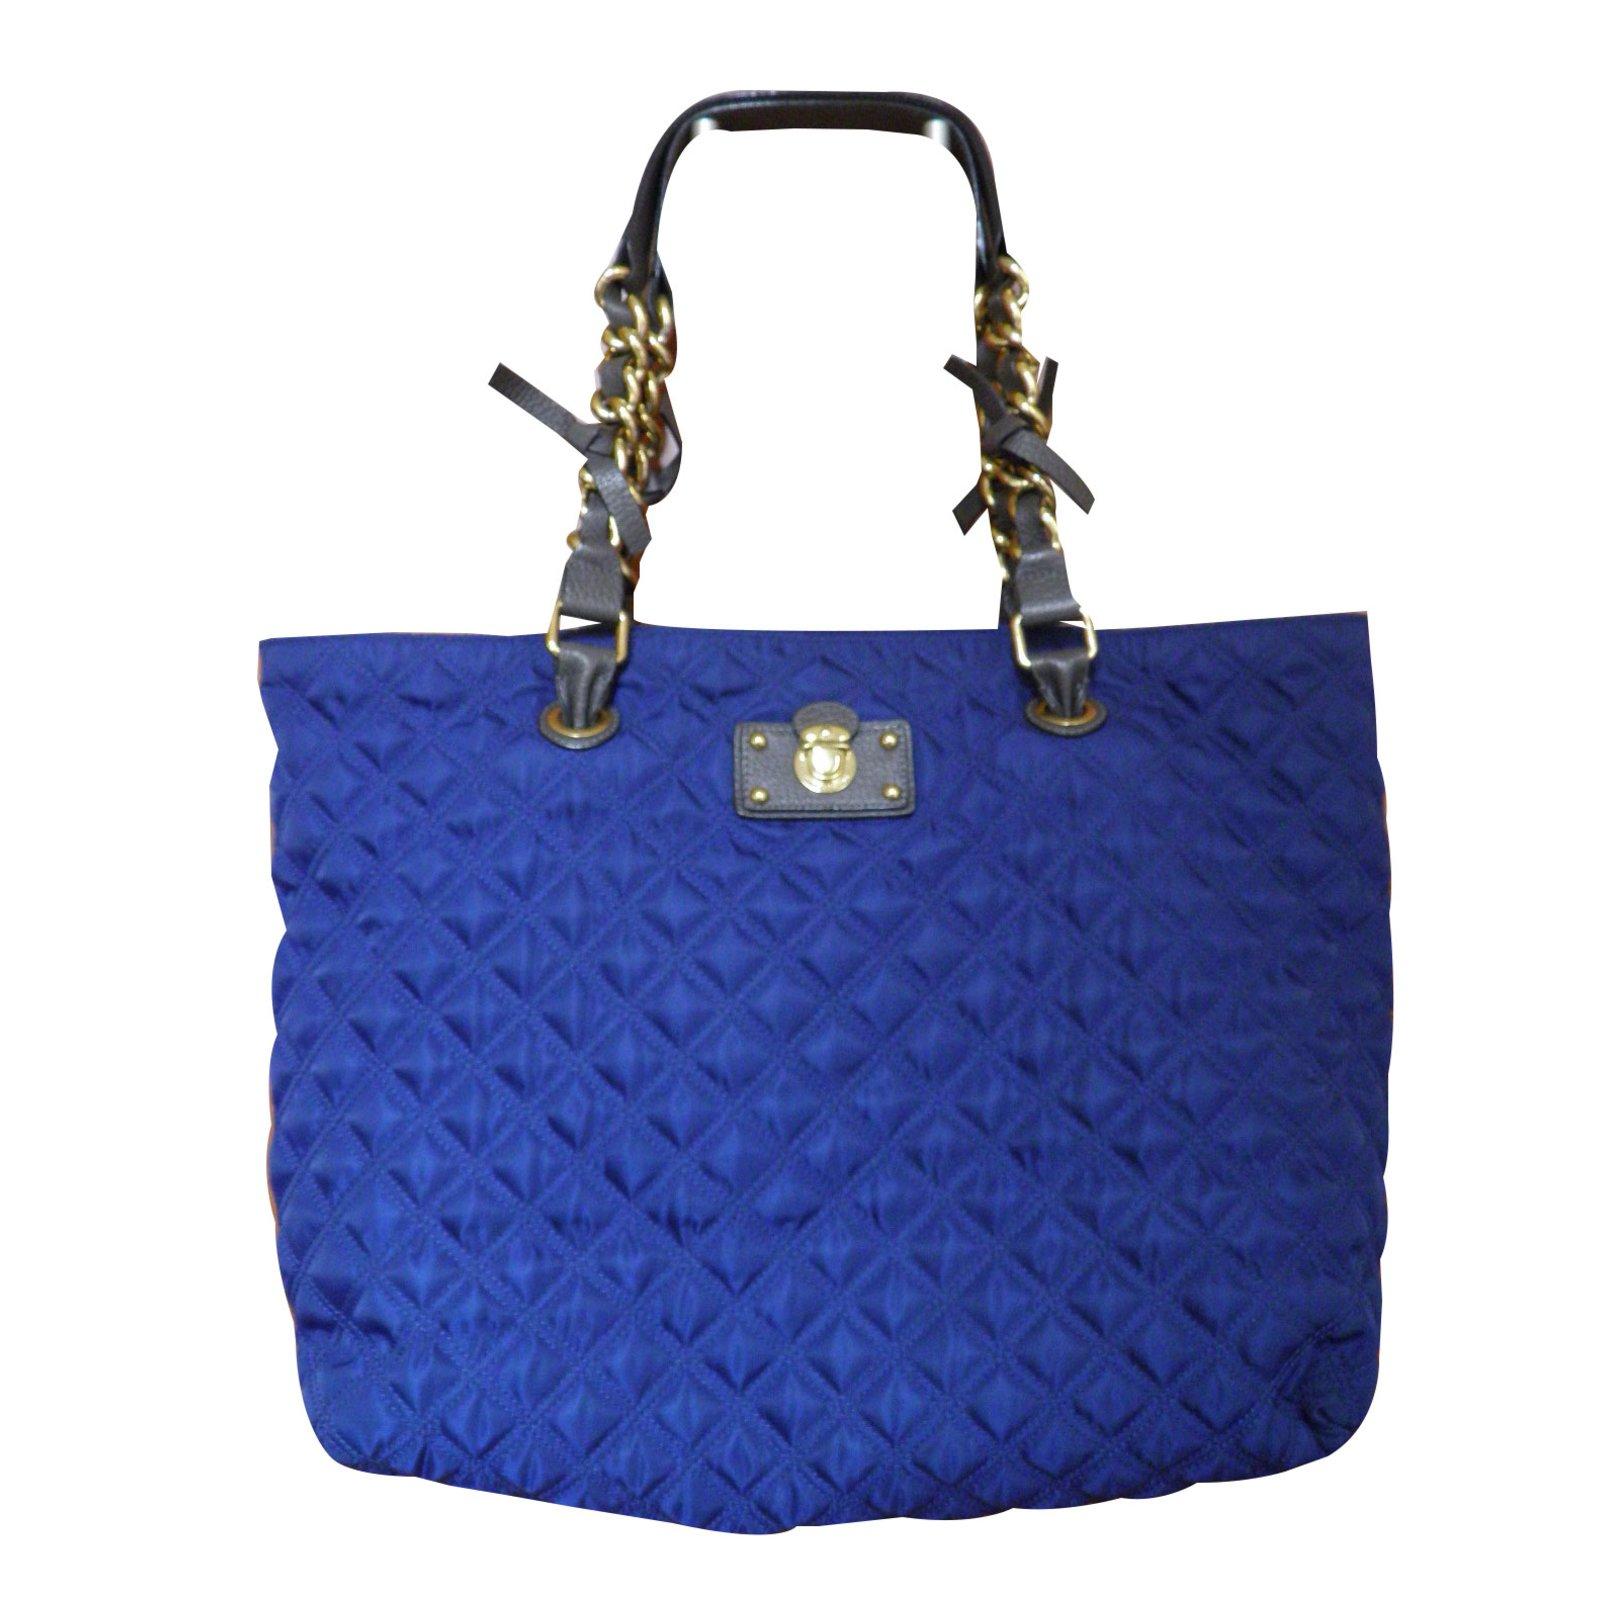 8525c3222d59 Marc Jacobs Handbags Handbags Cloth Blue ref.50727 - Joli Closet